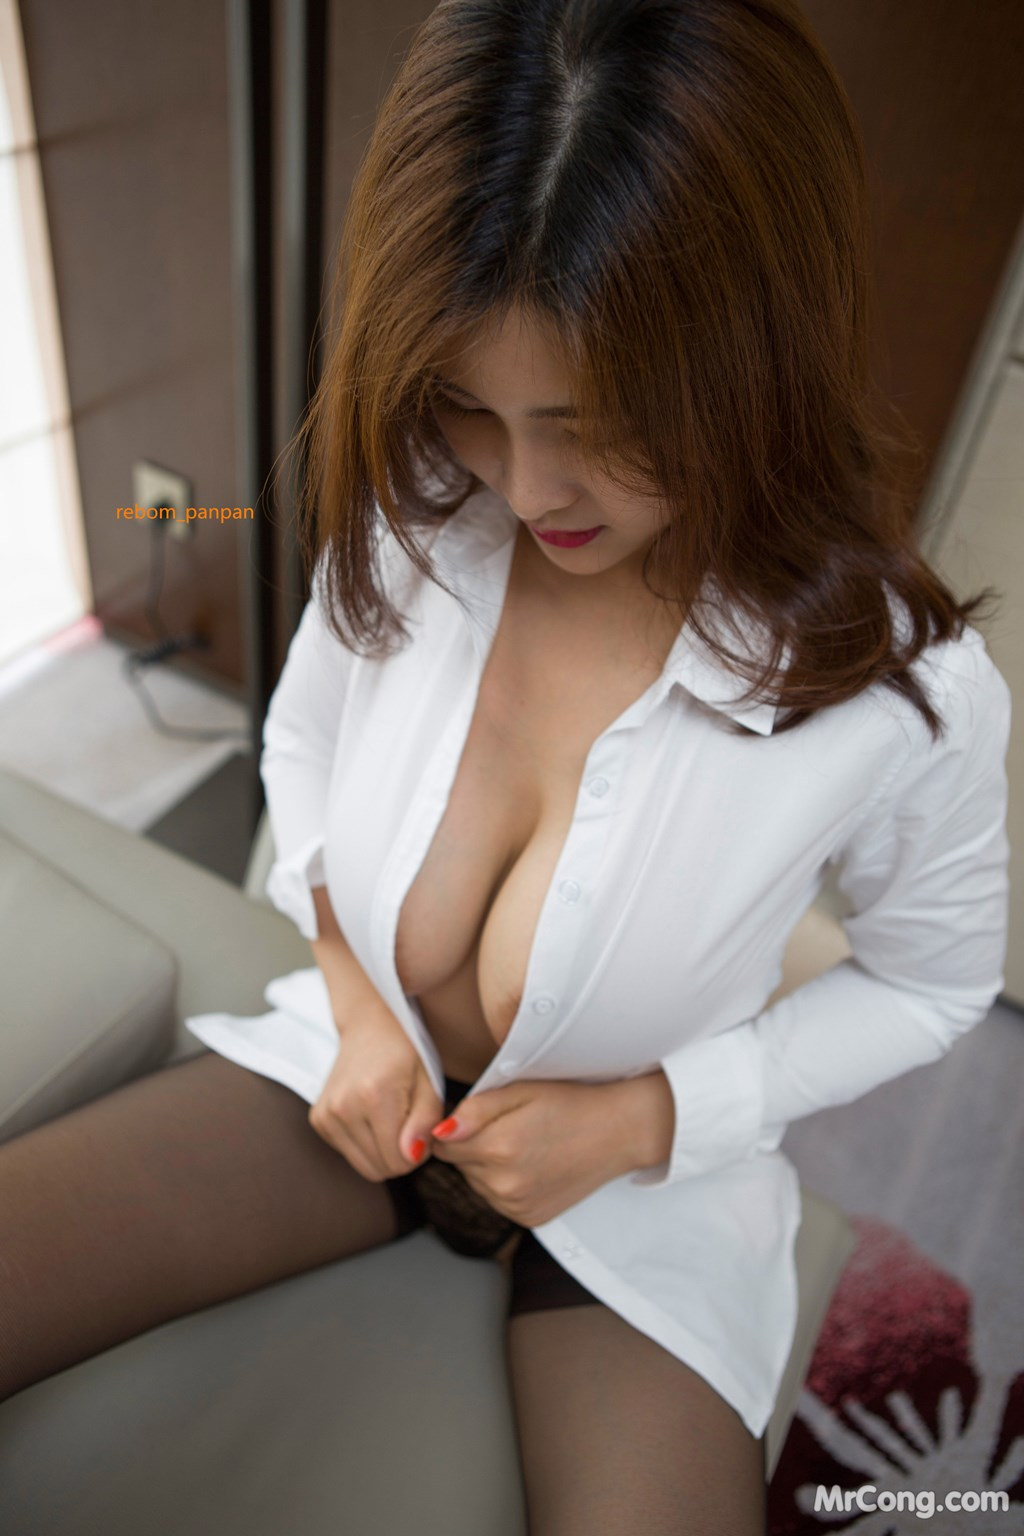 Image Yan-Pan-Pan-Part-4-MrCong.com-036 in post Người đẹp Yan Pan Pan (闫盼盼) hờ hững khoe vòng một trên giường ngủ (40 ảnh)